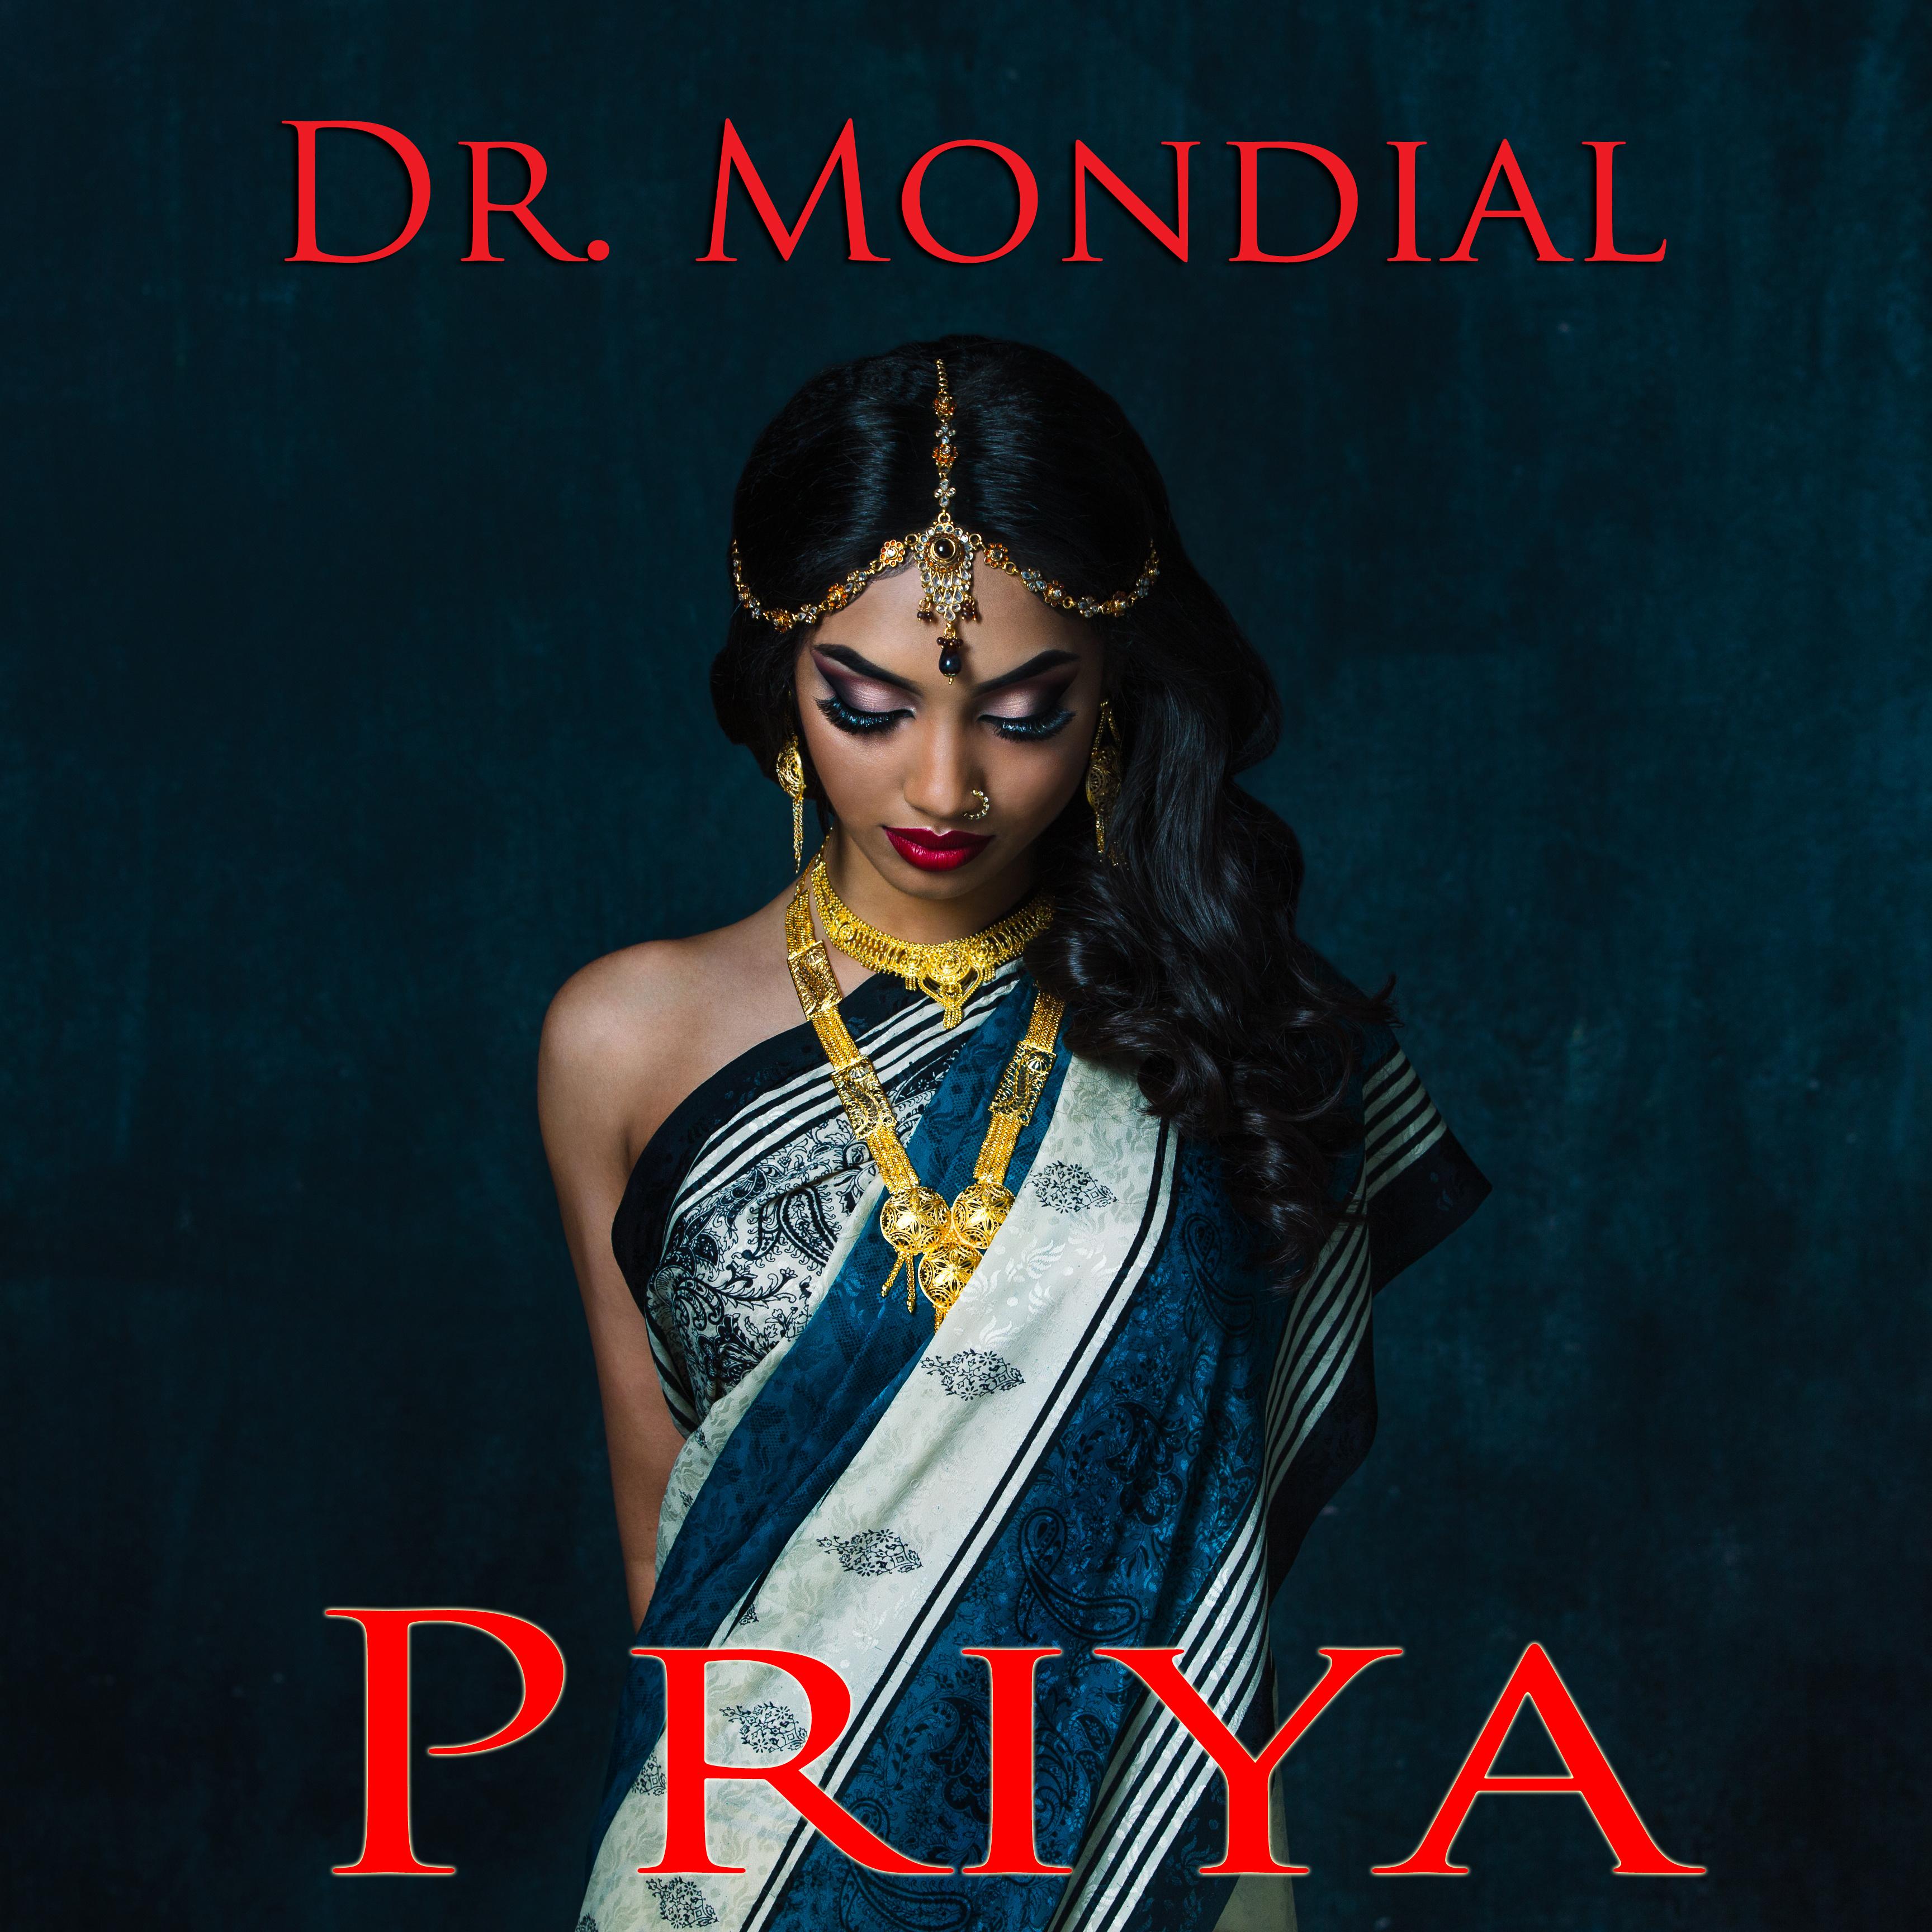 DR. MONDIAL-Priya